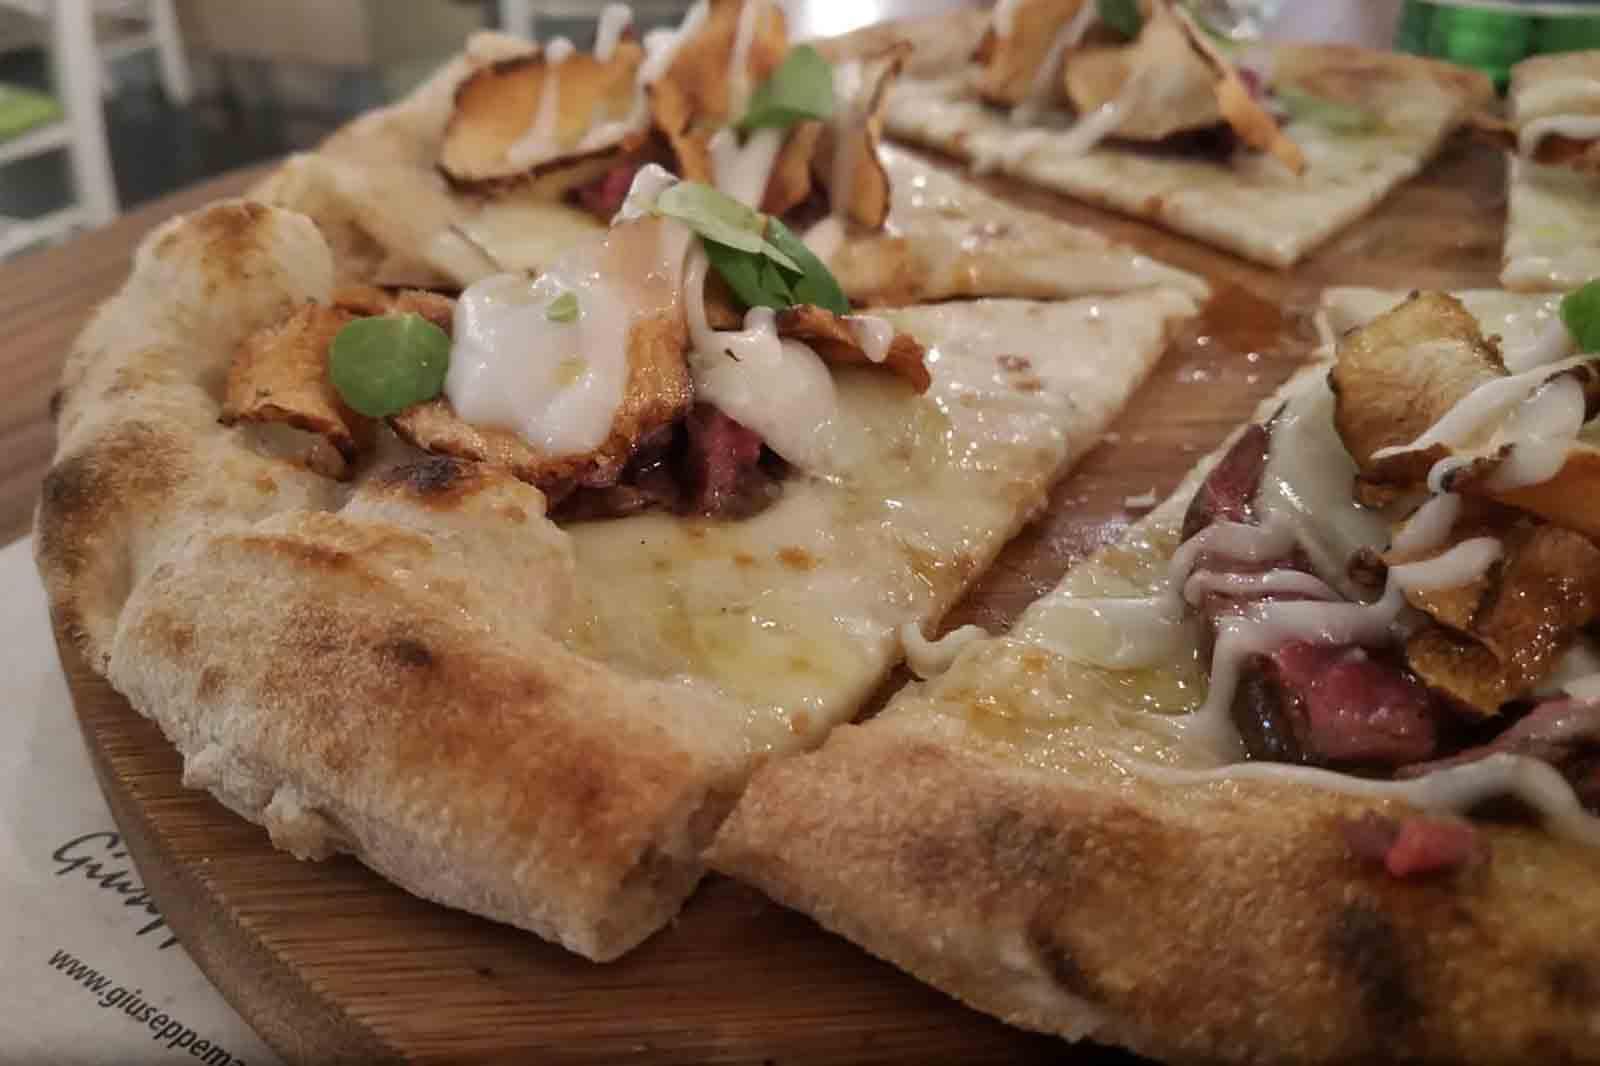 pizza con la carne Chateaubriand Daniele Gourmet Avellino